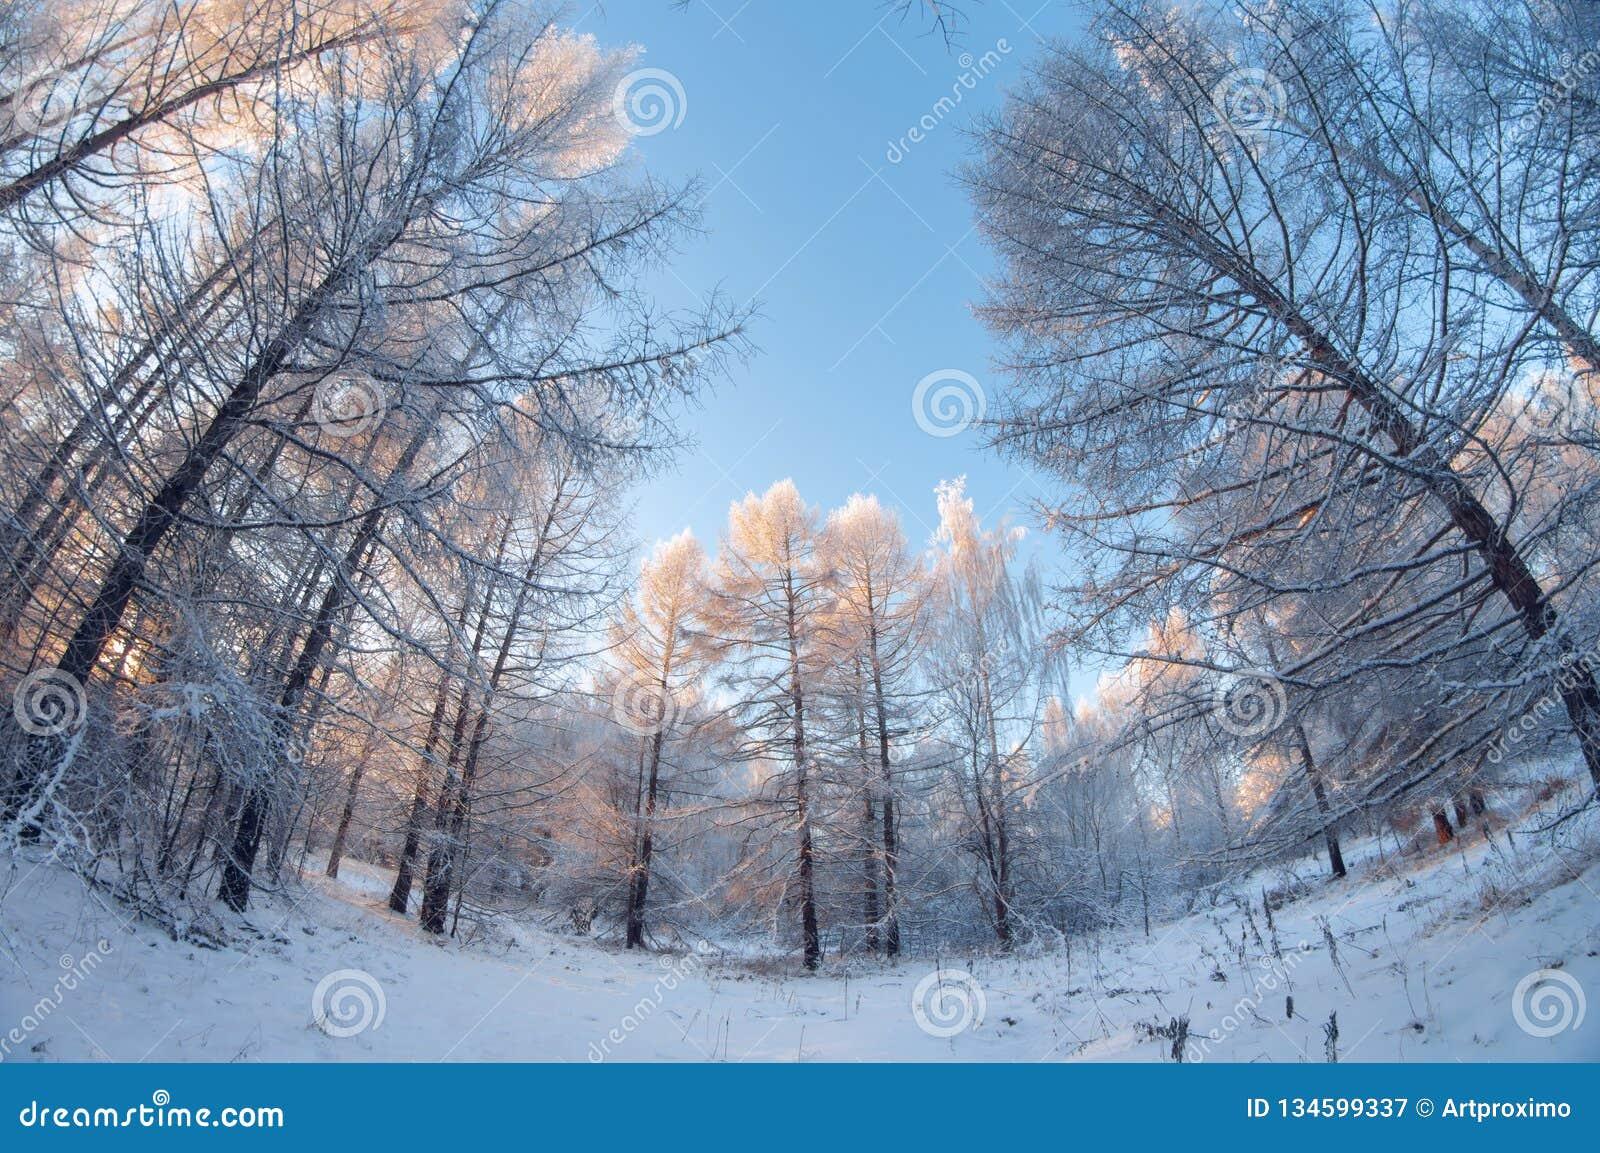 Piękny zima krajobraz, śnieżny las na słonecznym dniu, rybiego oka wykoślawienie, wysocy śnieżni drzewa z niebieskim niebem